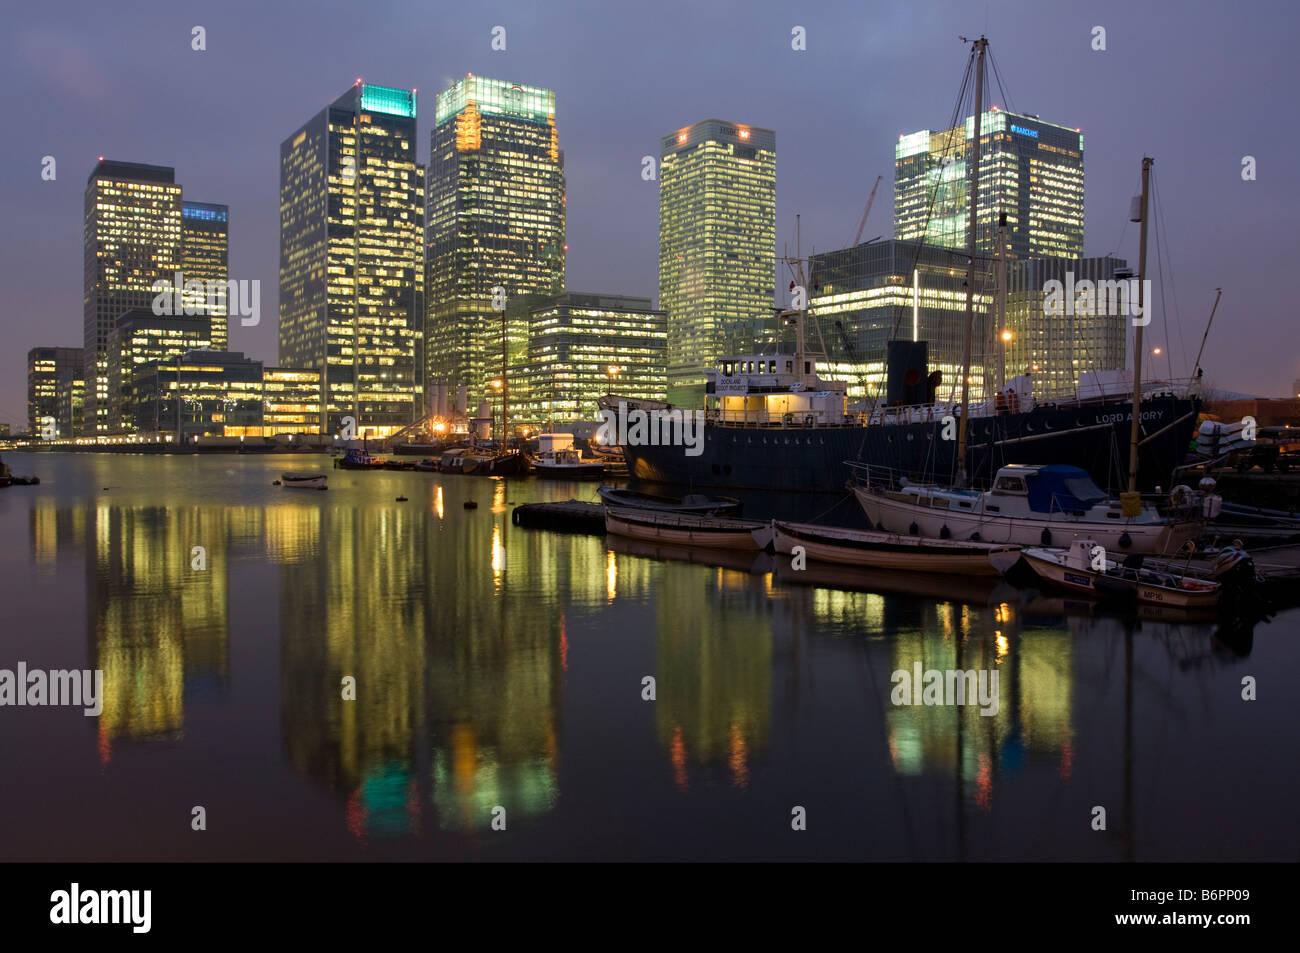 Gratte-ciel crépuscule London Canary Wharf Banque D'Images